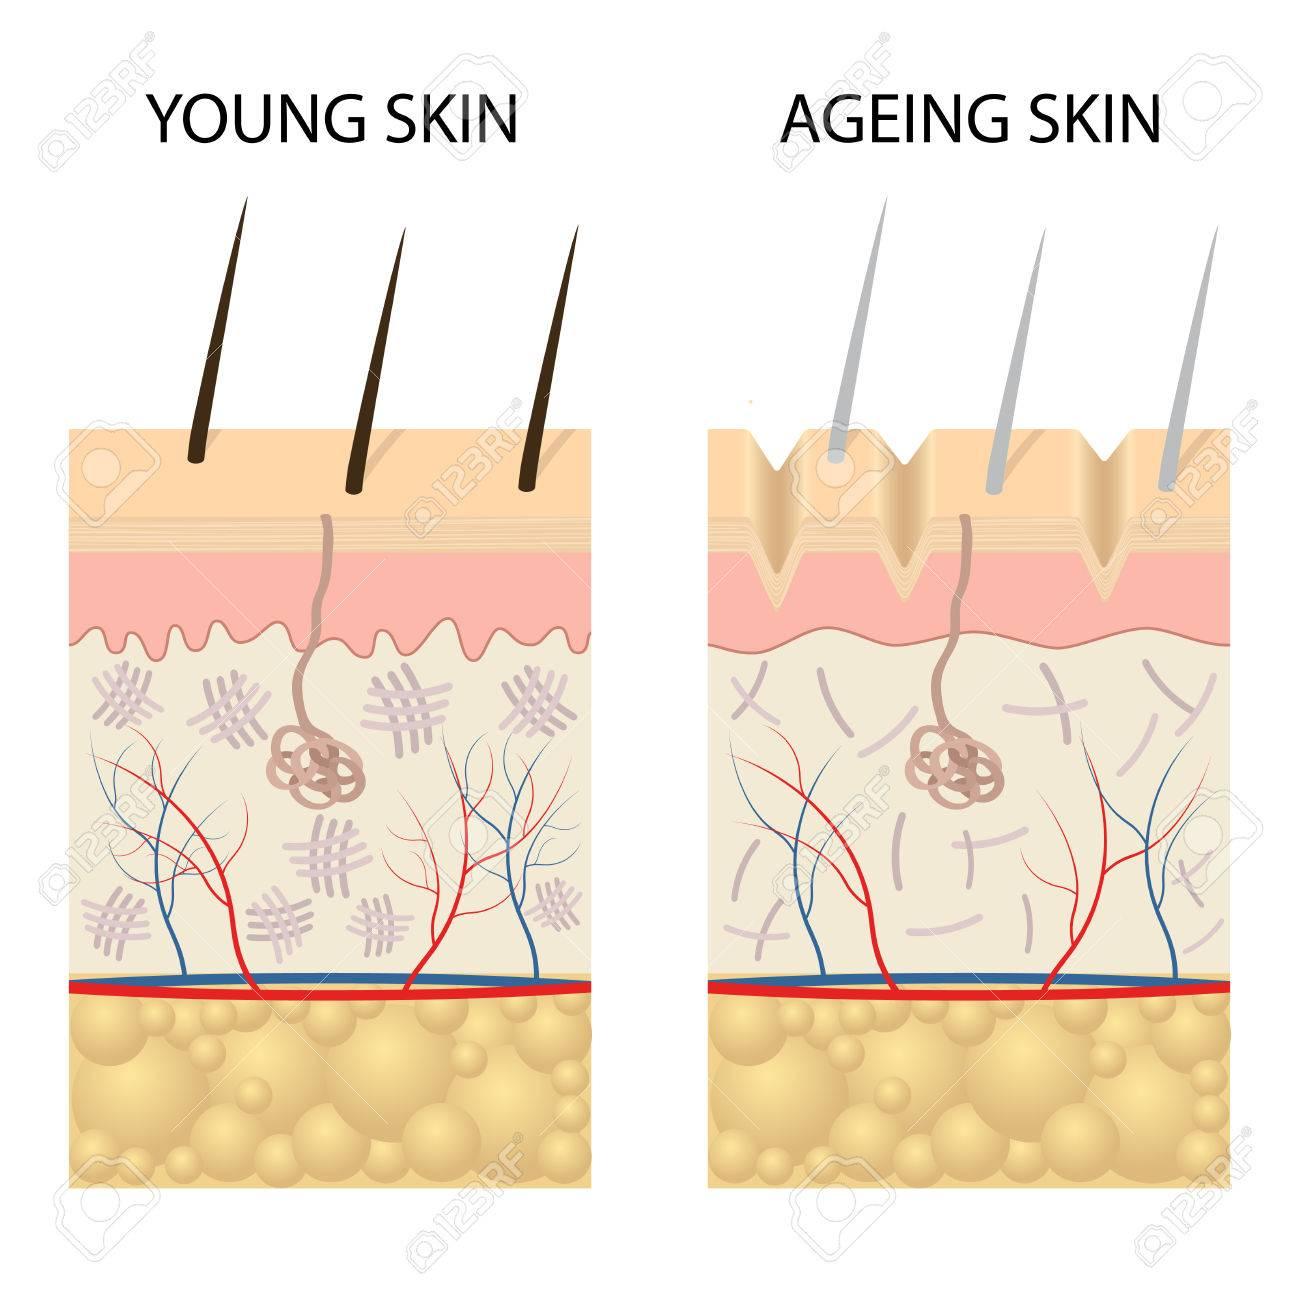 Junge Gesunde Haut Und ältere Haut Vergleich, Hautschichten Und ...